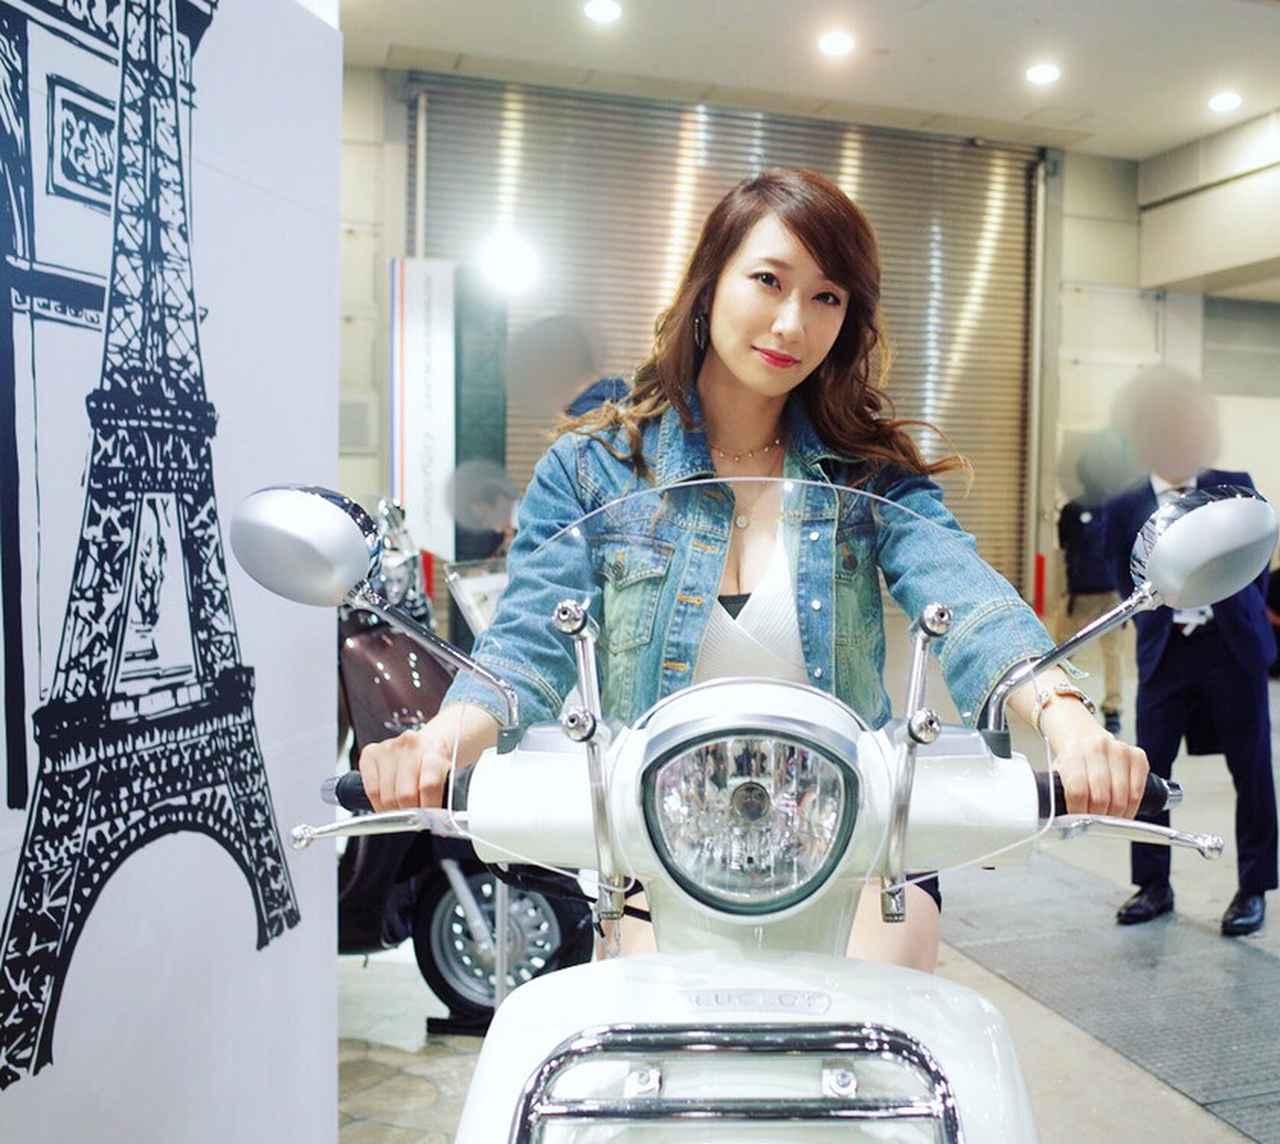 画像11: ミク様レポ☆「第46回 東京モーターサイクルショー」プレスデーに今年も潜入してきました♡